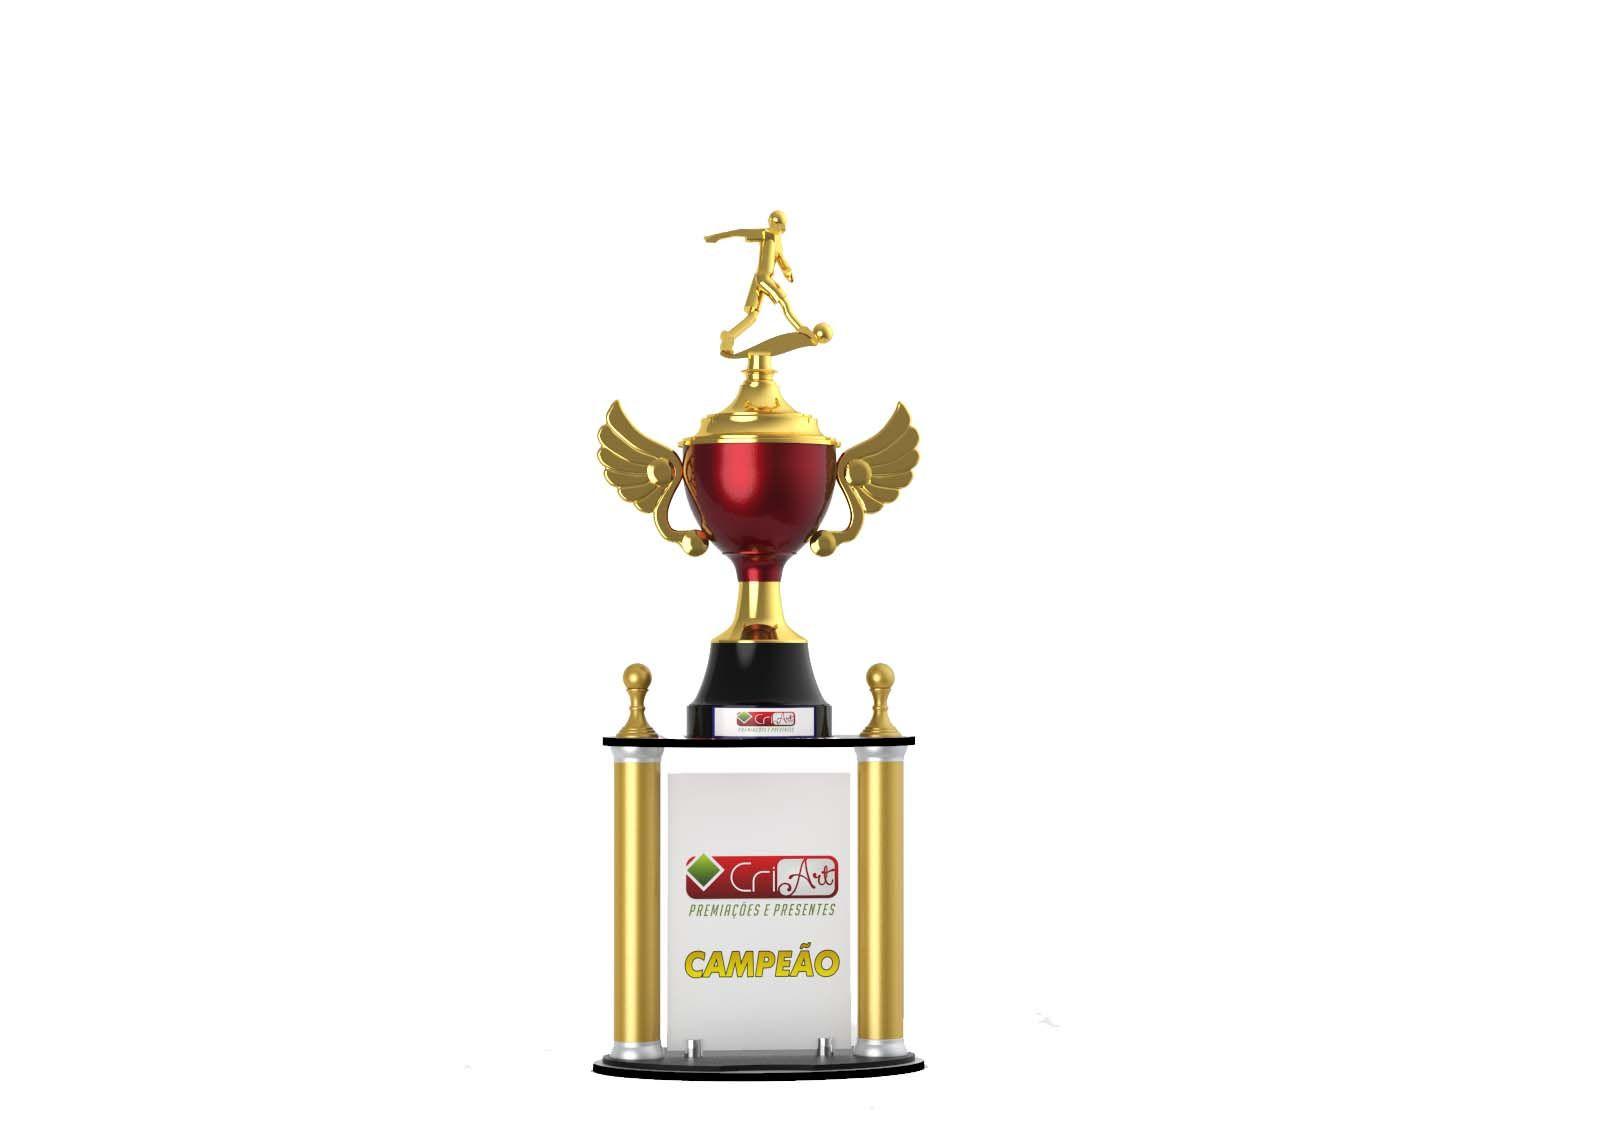 Troféu Personalizado Futebol FUT4400 89,0 / 84,0 / 81,0cm